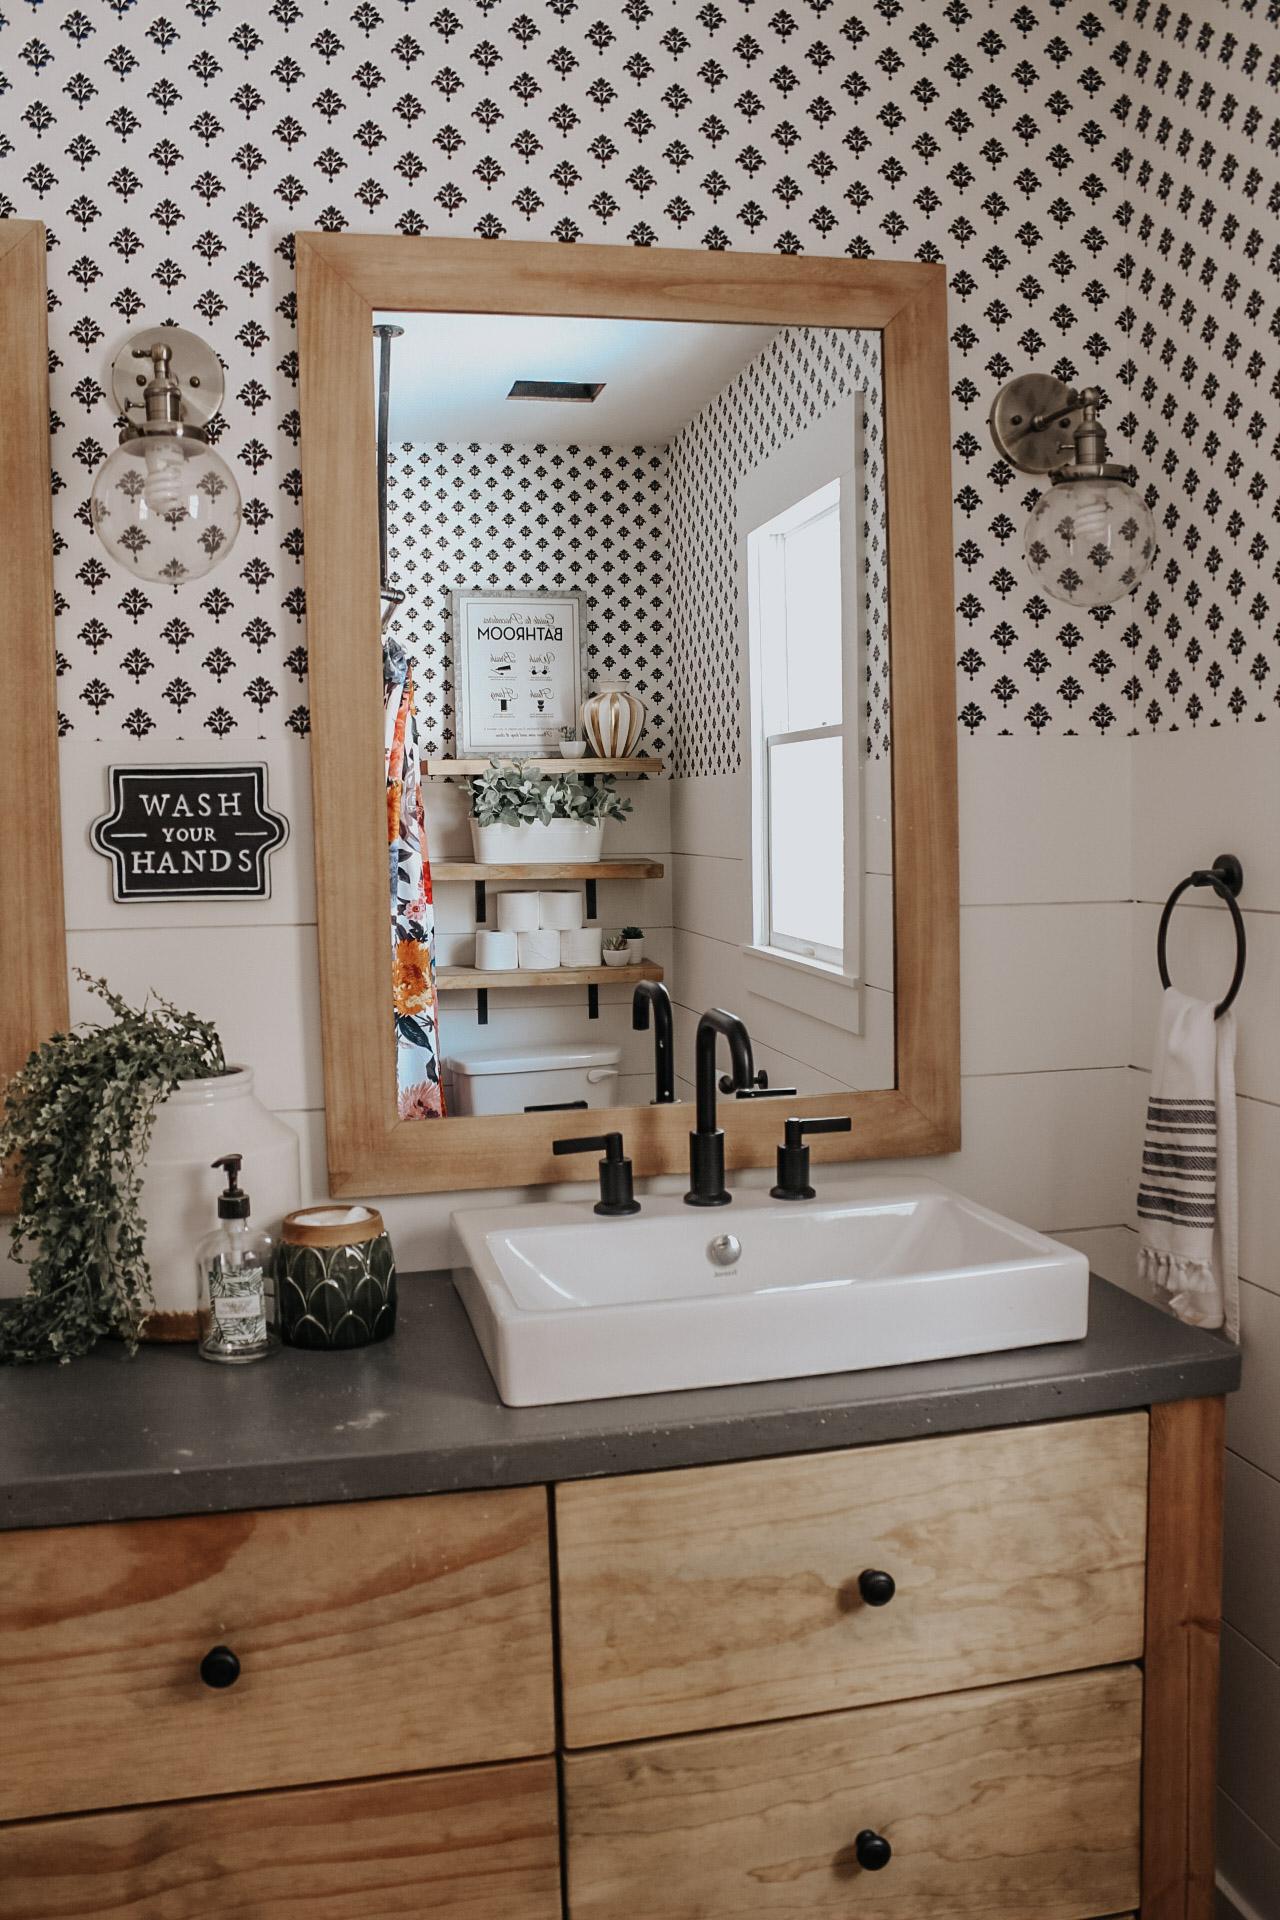 Rhiannon Lawson Design Master Bath Makeover with Removable Wallpaper